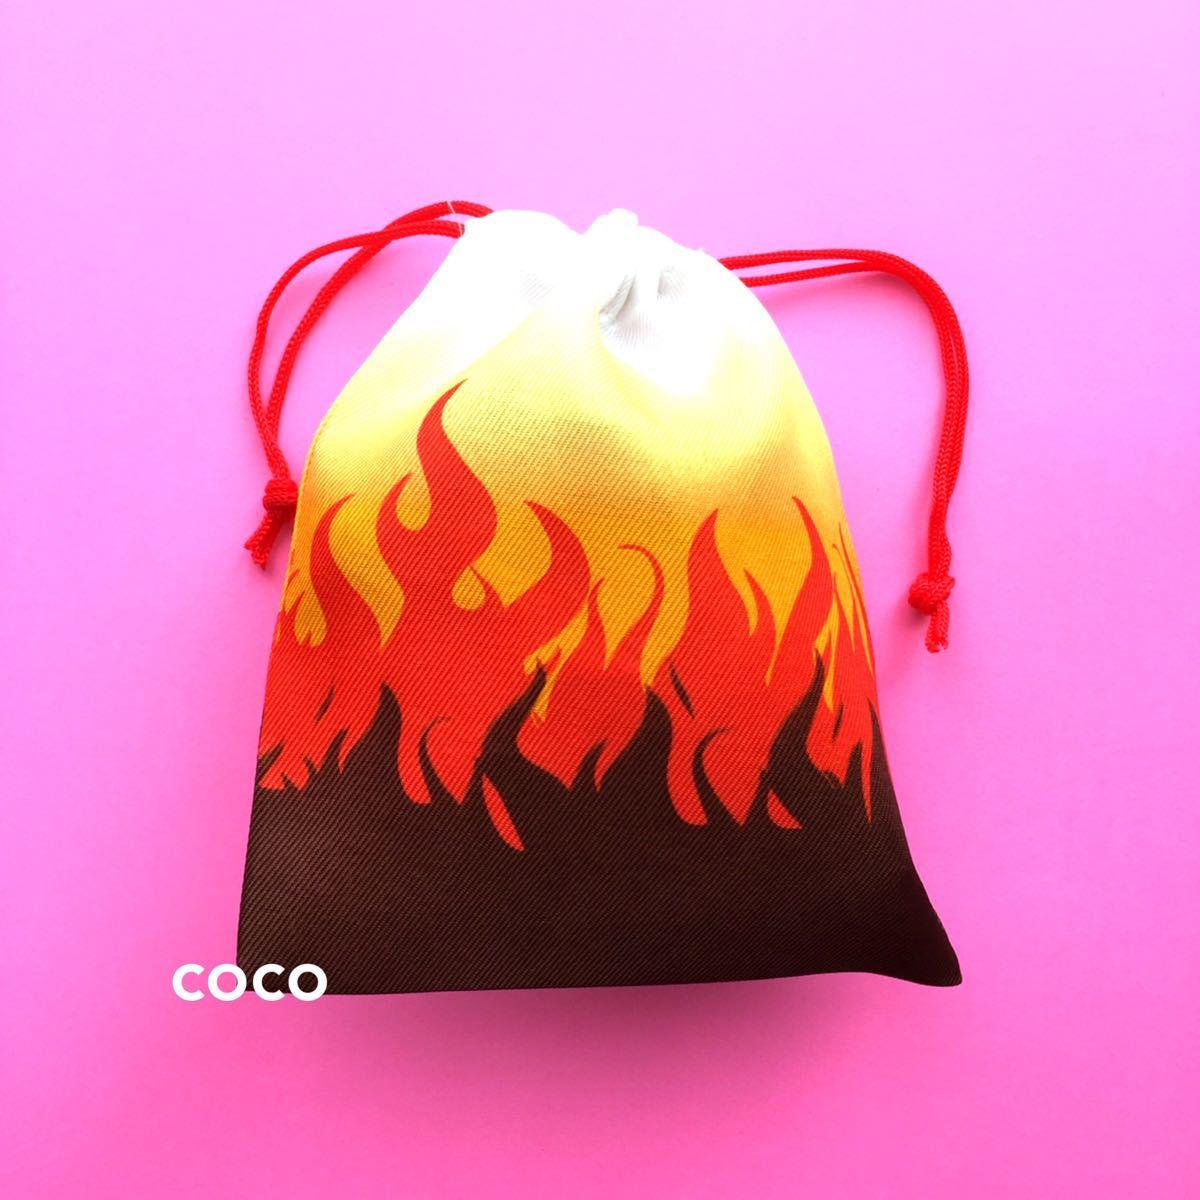 鬼滅の刃風 ミニ巾着袋 4種類セット コップ袋 小物入れ 炭治郎ねずこ善逸煉獄風